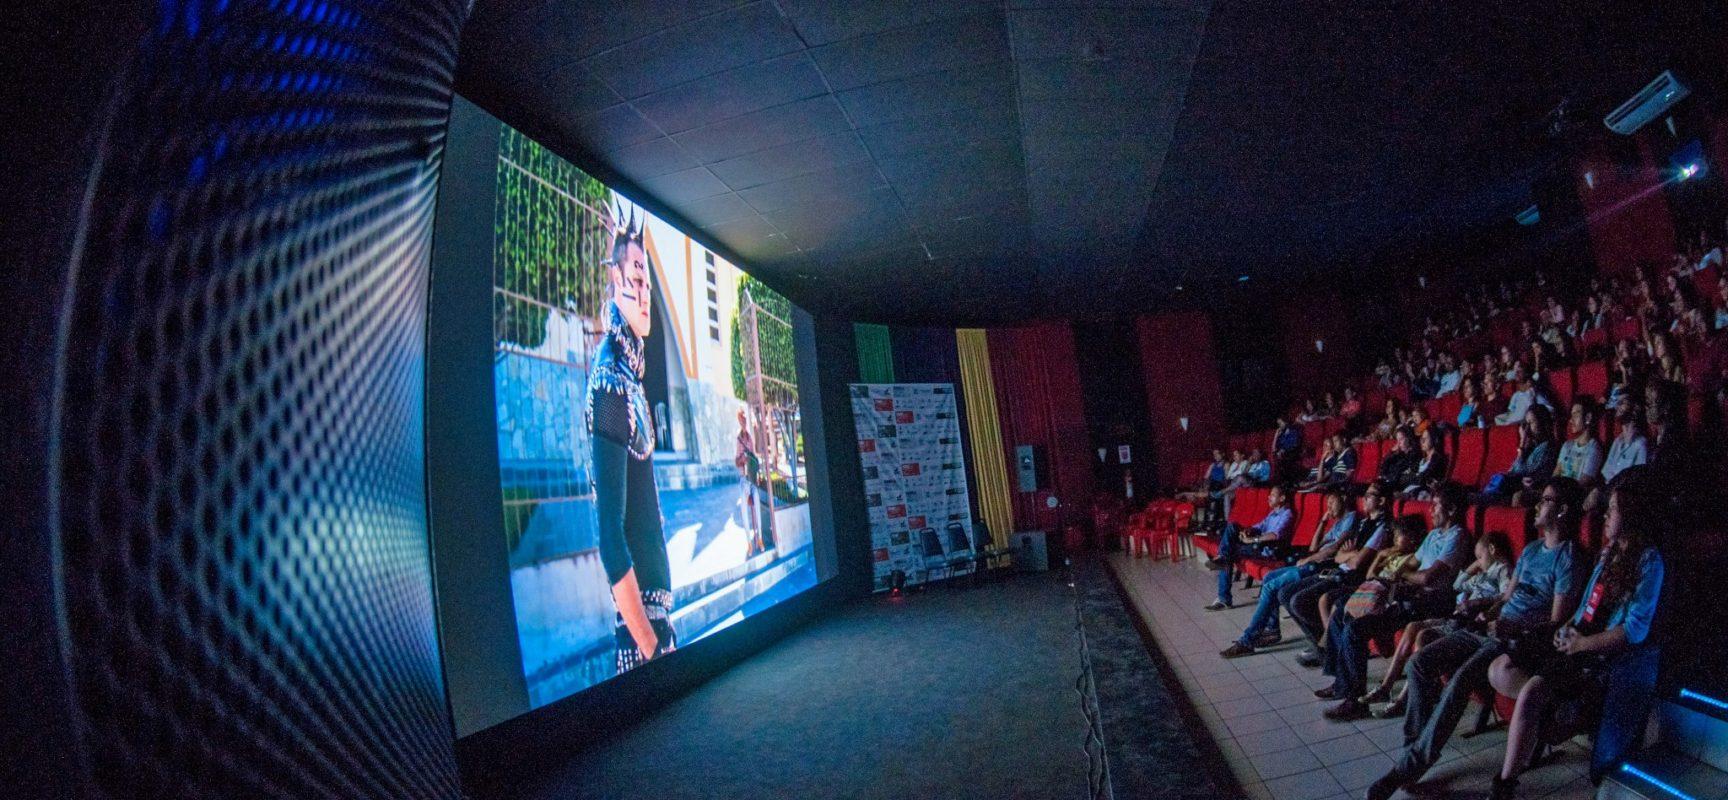 Festival de Cinema Baiano abre inscrições para mostras de filmes e para curadores